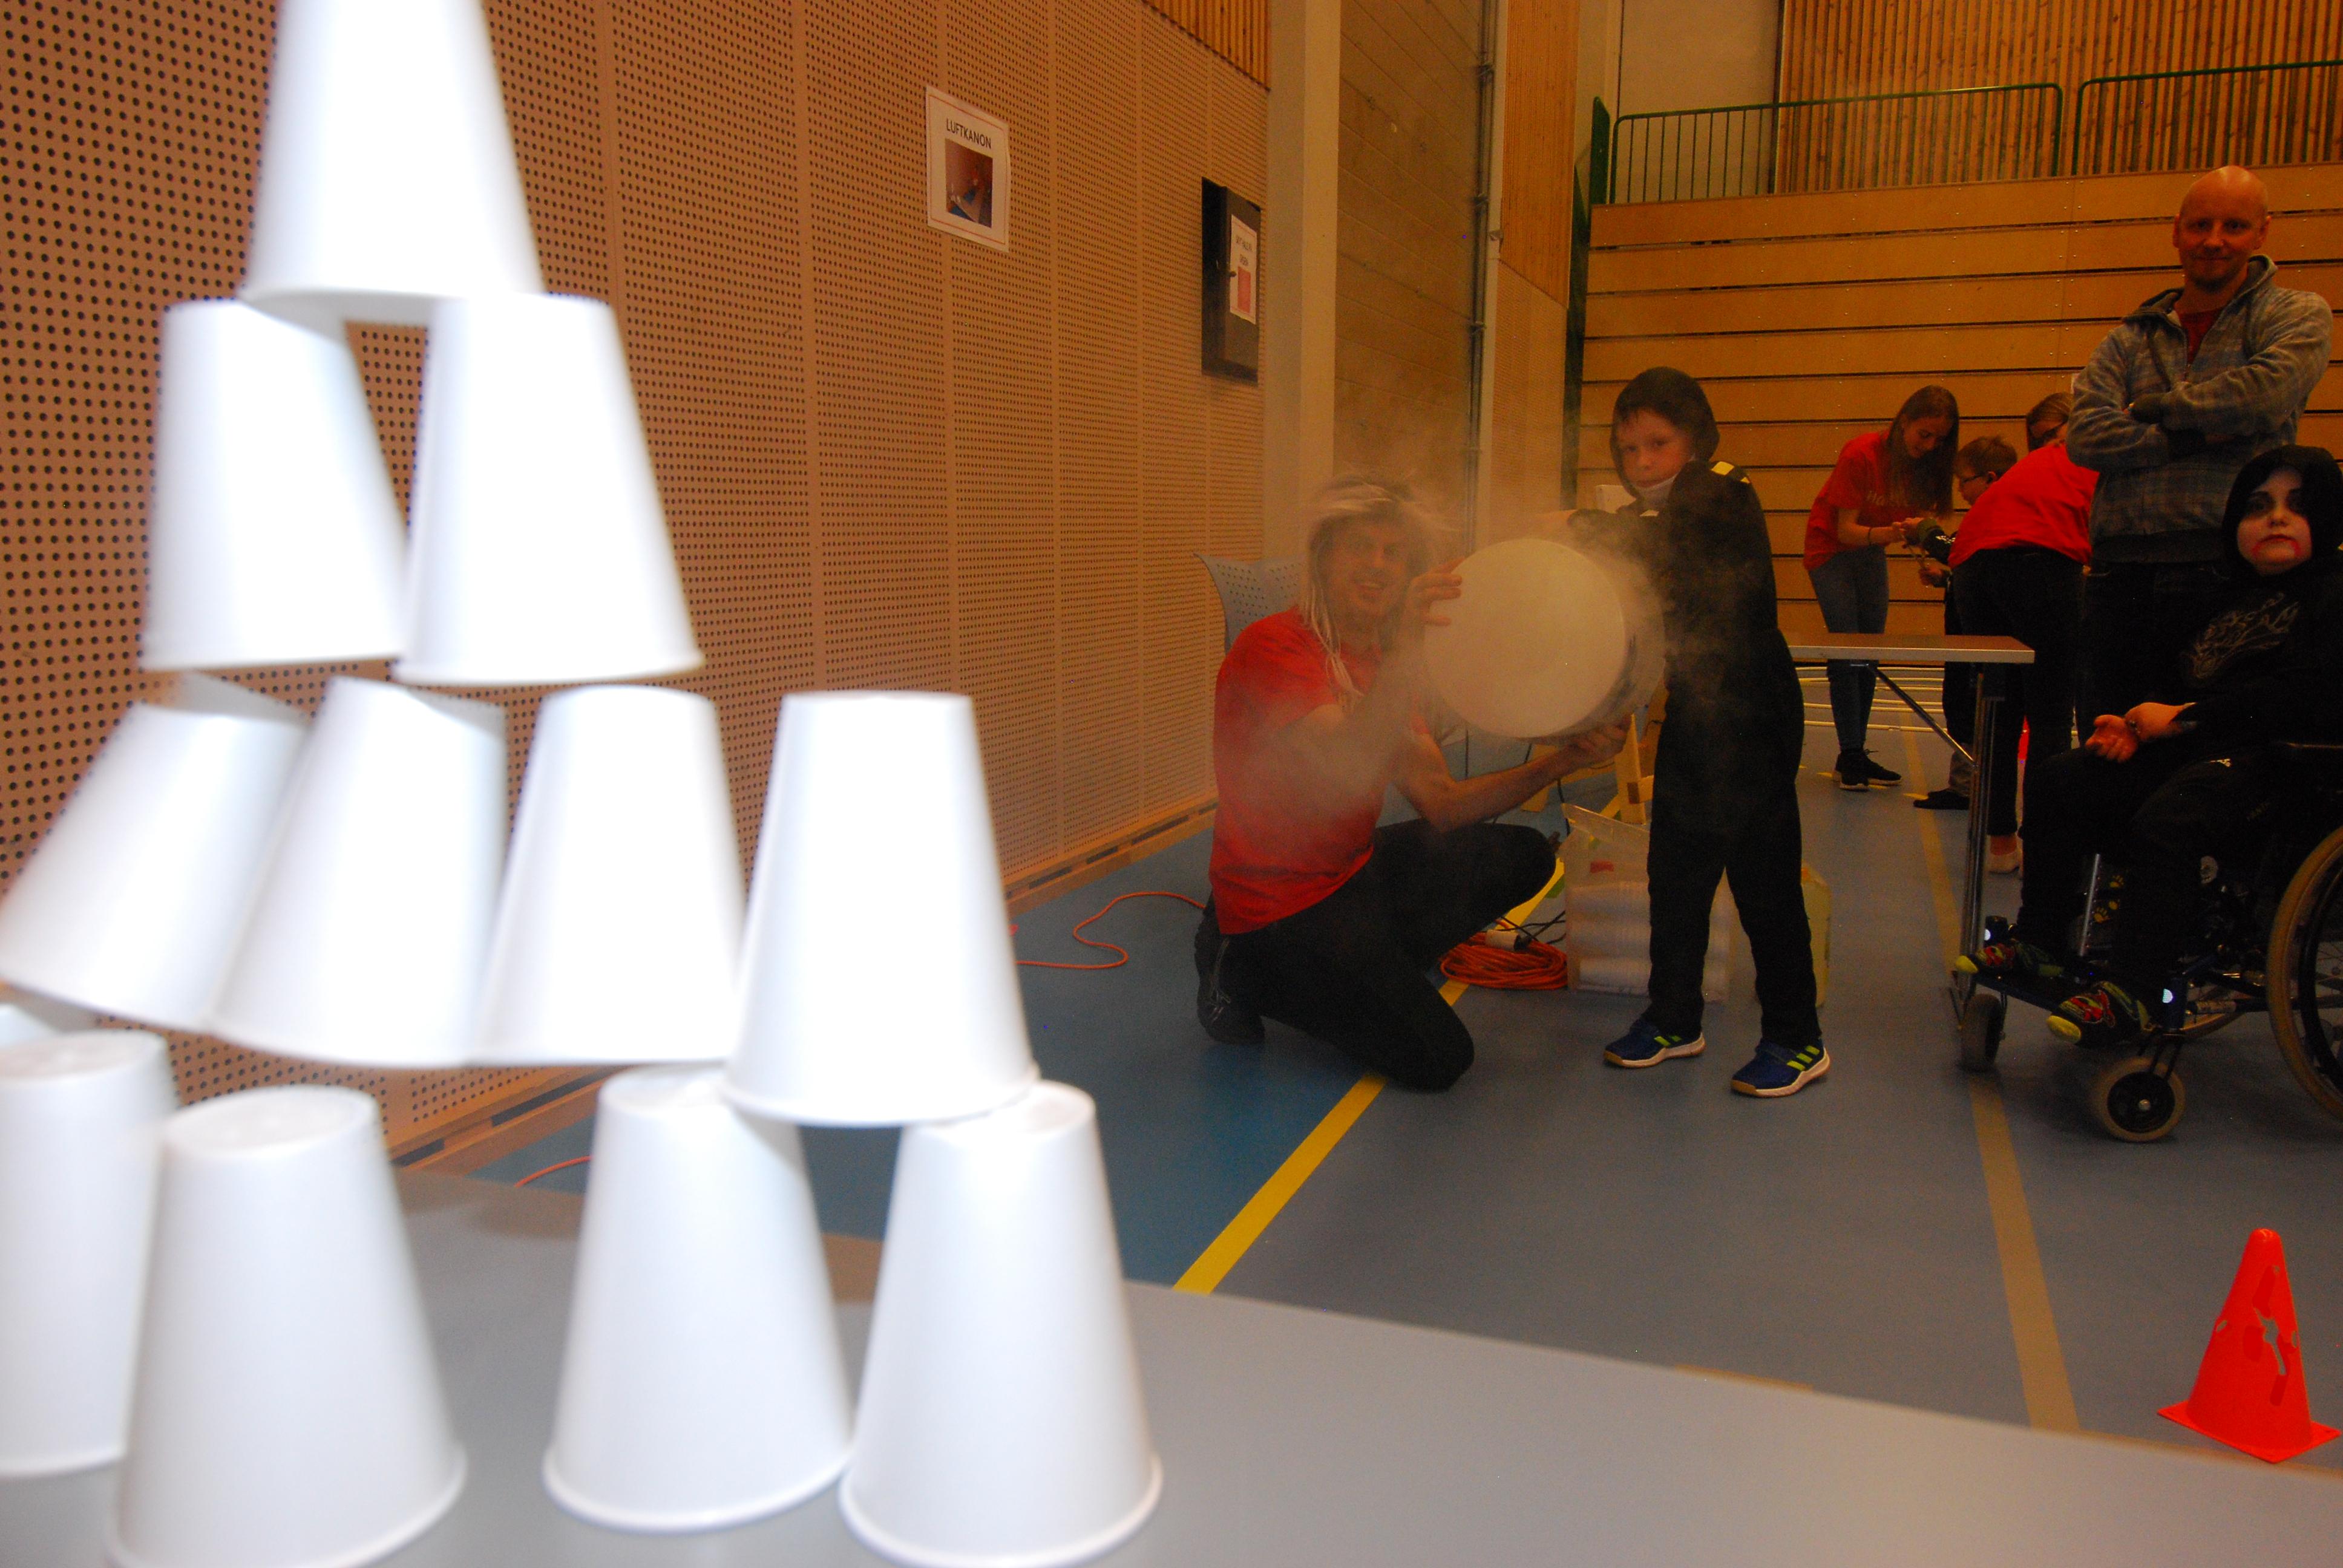 Luftkanon og isoporbeger